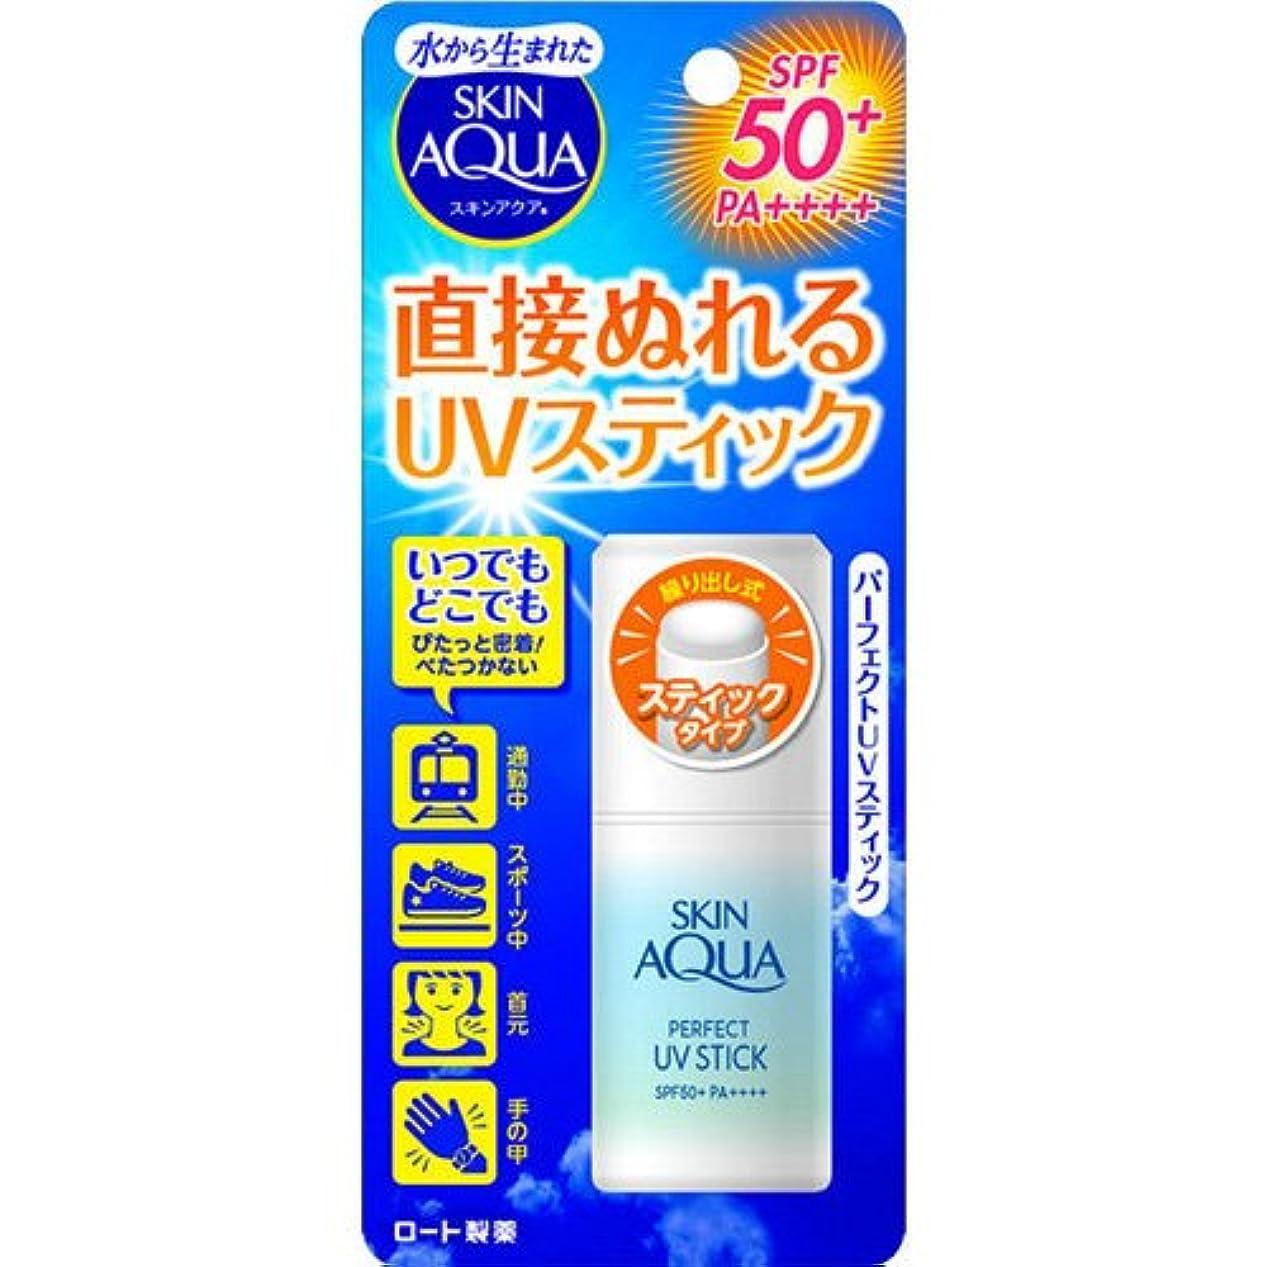 電気的防ぐスキンアクア パーフェクト UVスティック SPF50+ PA++++ 10g ロート製薬